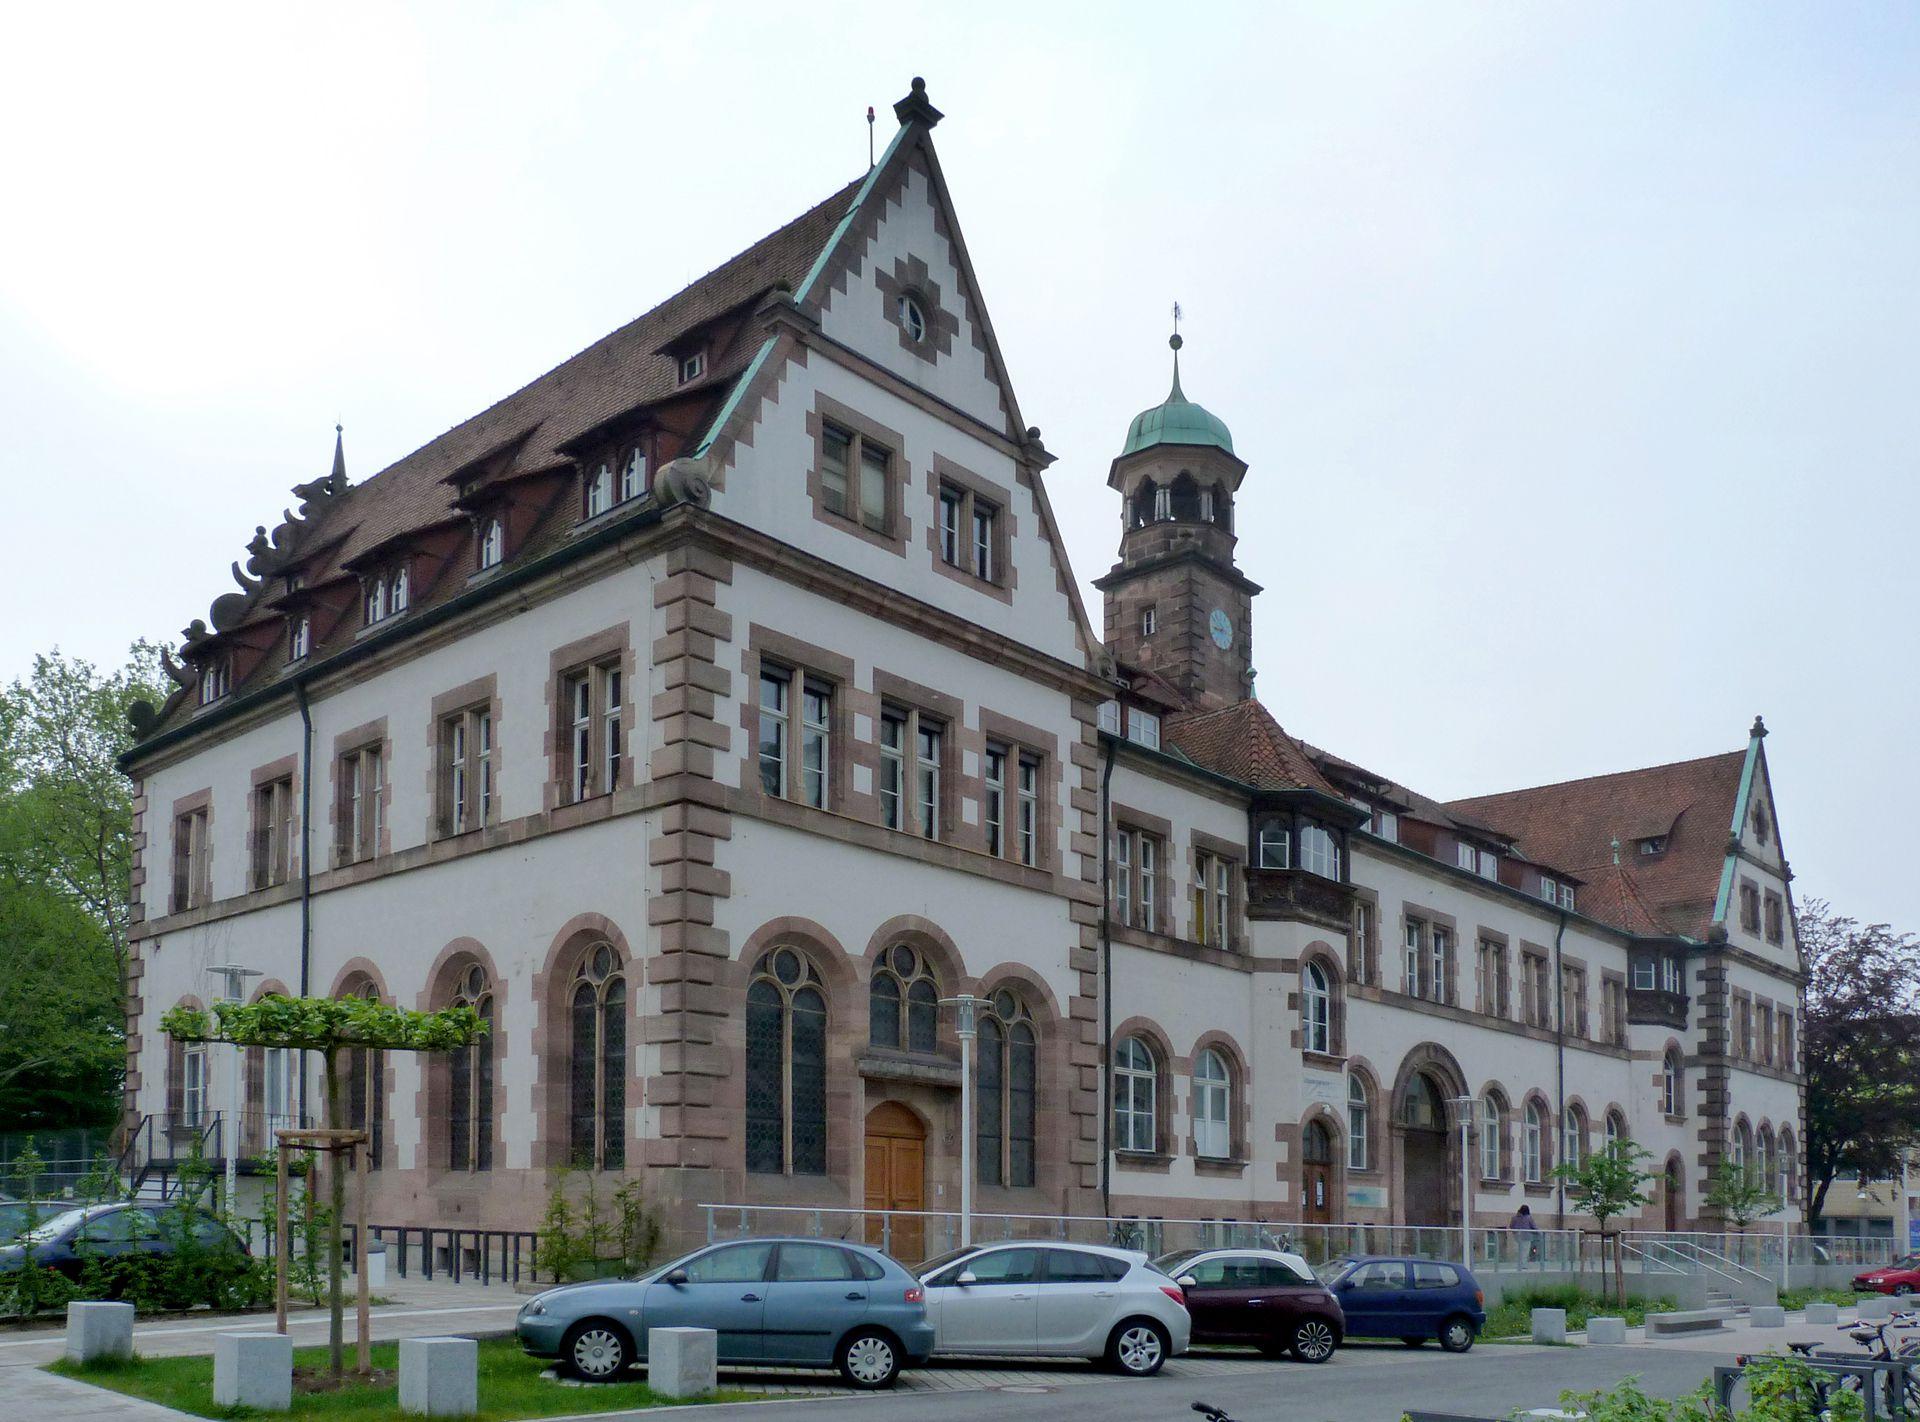 Hauptgebäude des Klinikum Nord Rückfassade, Schrägansicht